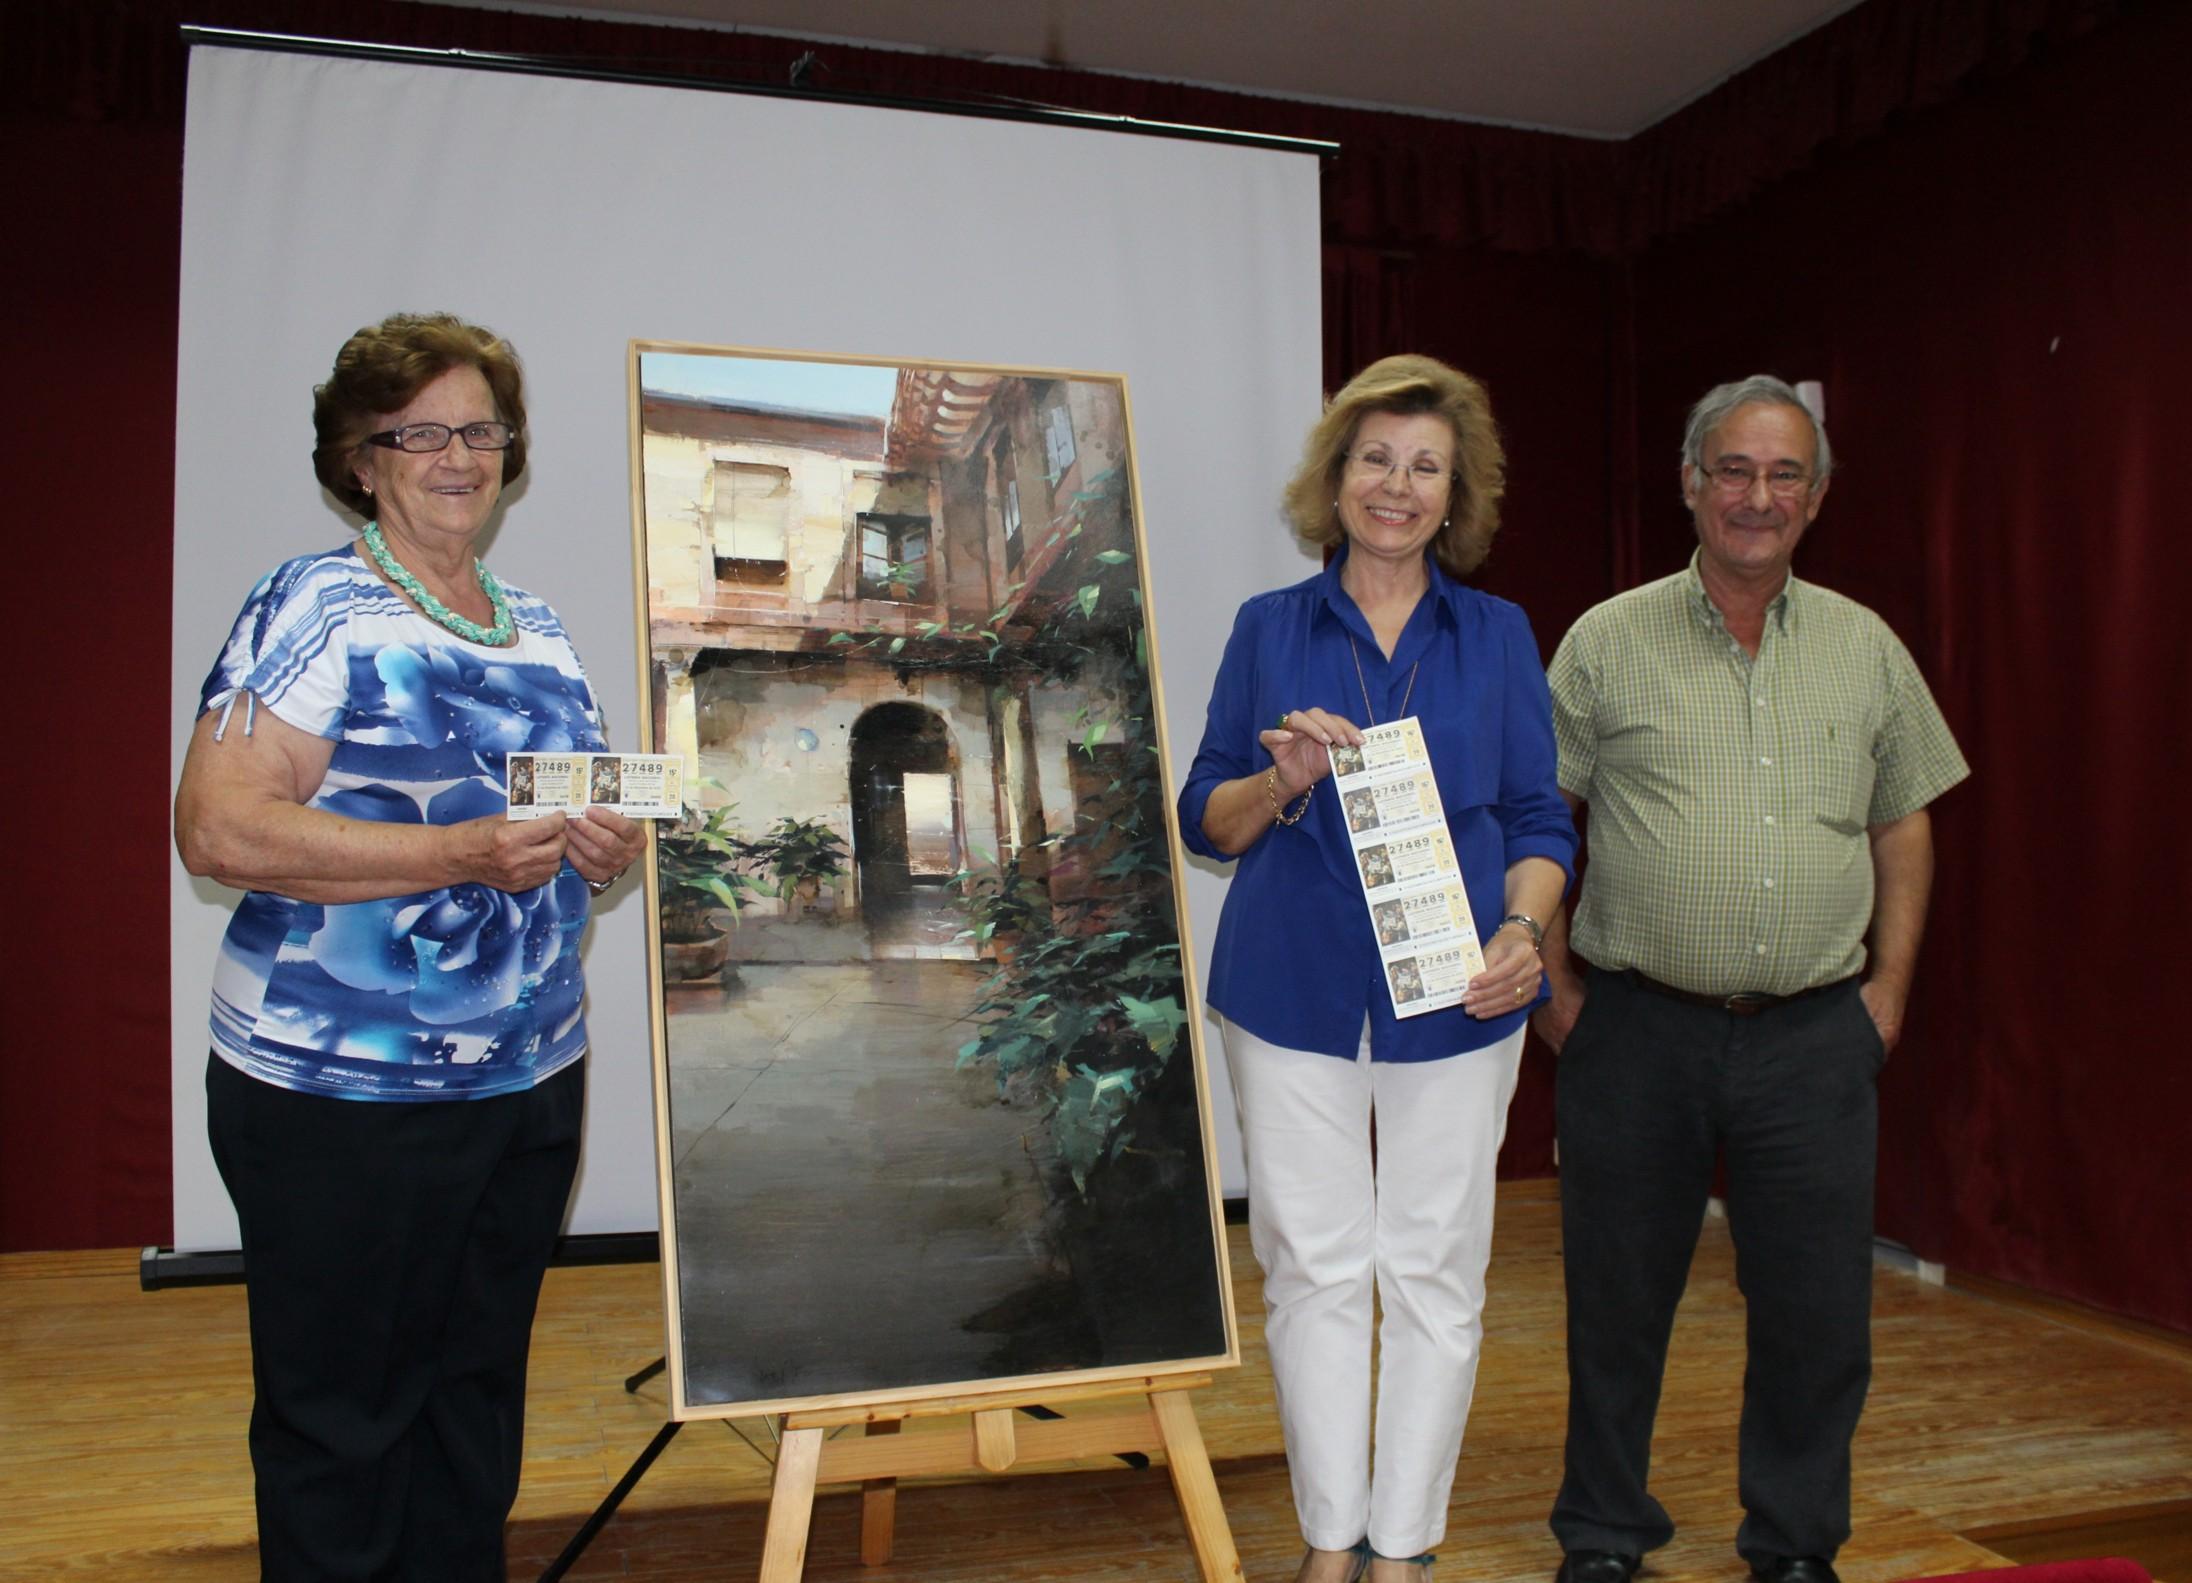 La Asociación Arteaga Alfaro hace entrega del cuadro ganador del Certamen de Pintura Rápida en la Asamblea Anual de Socios